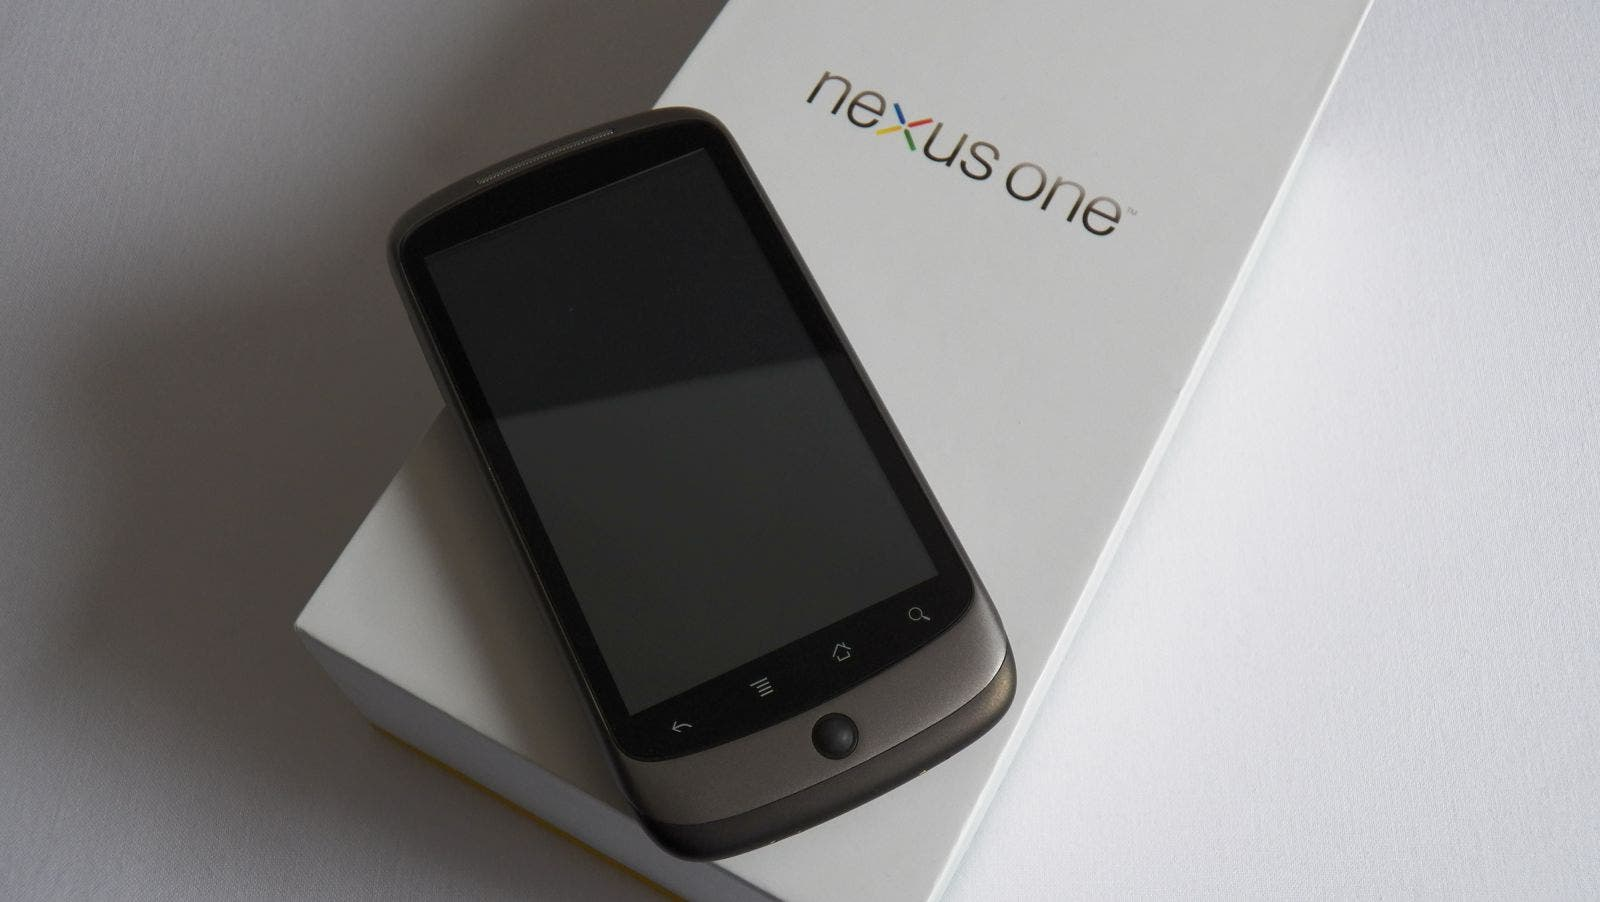 Das Google Nexus One